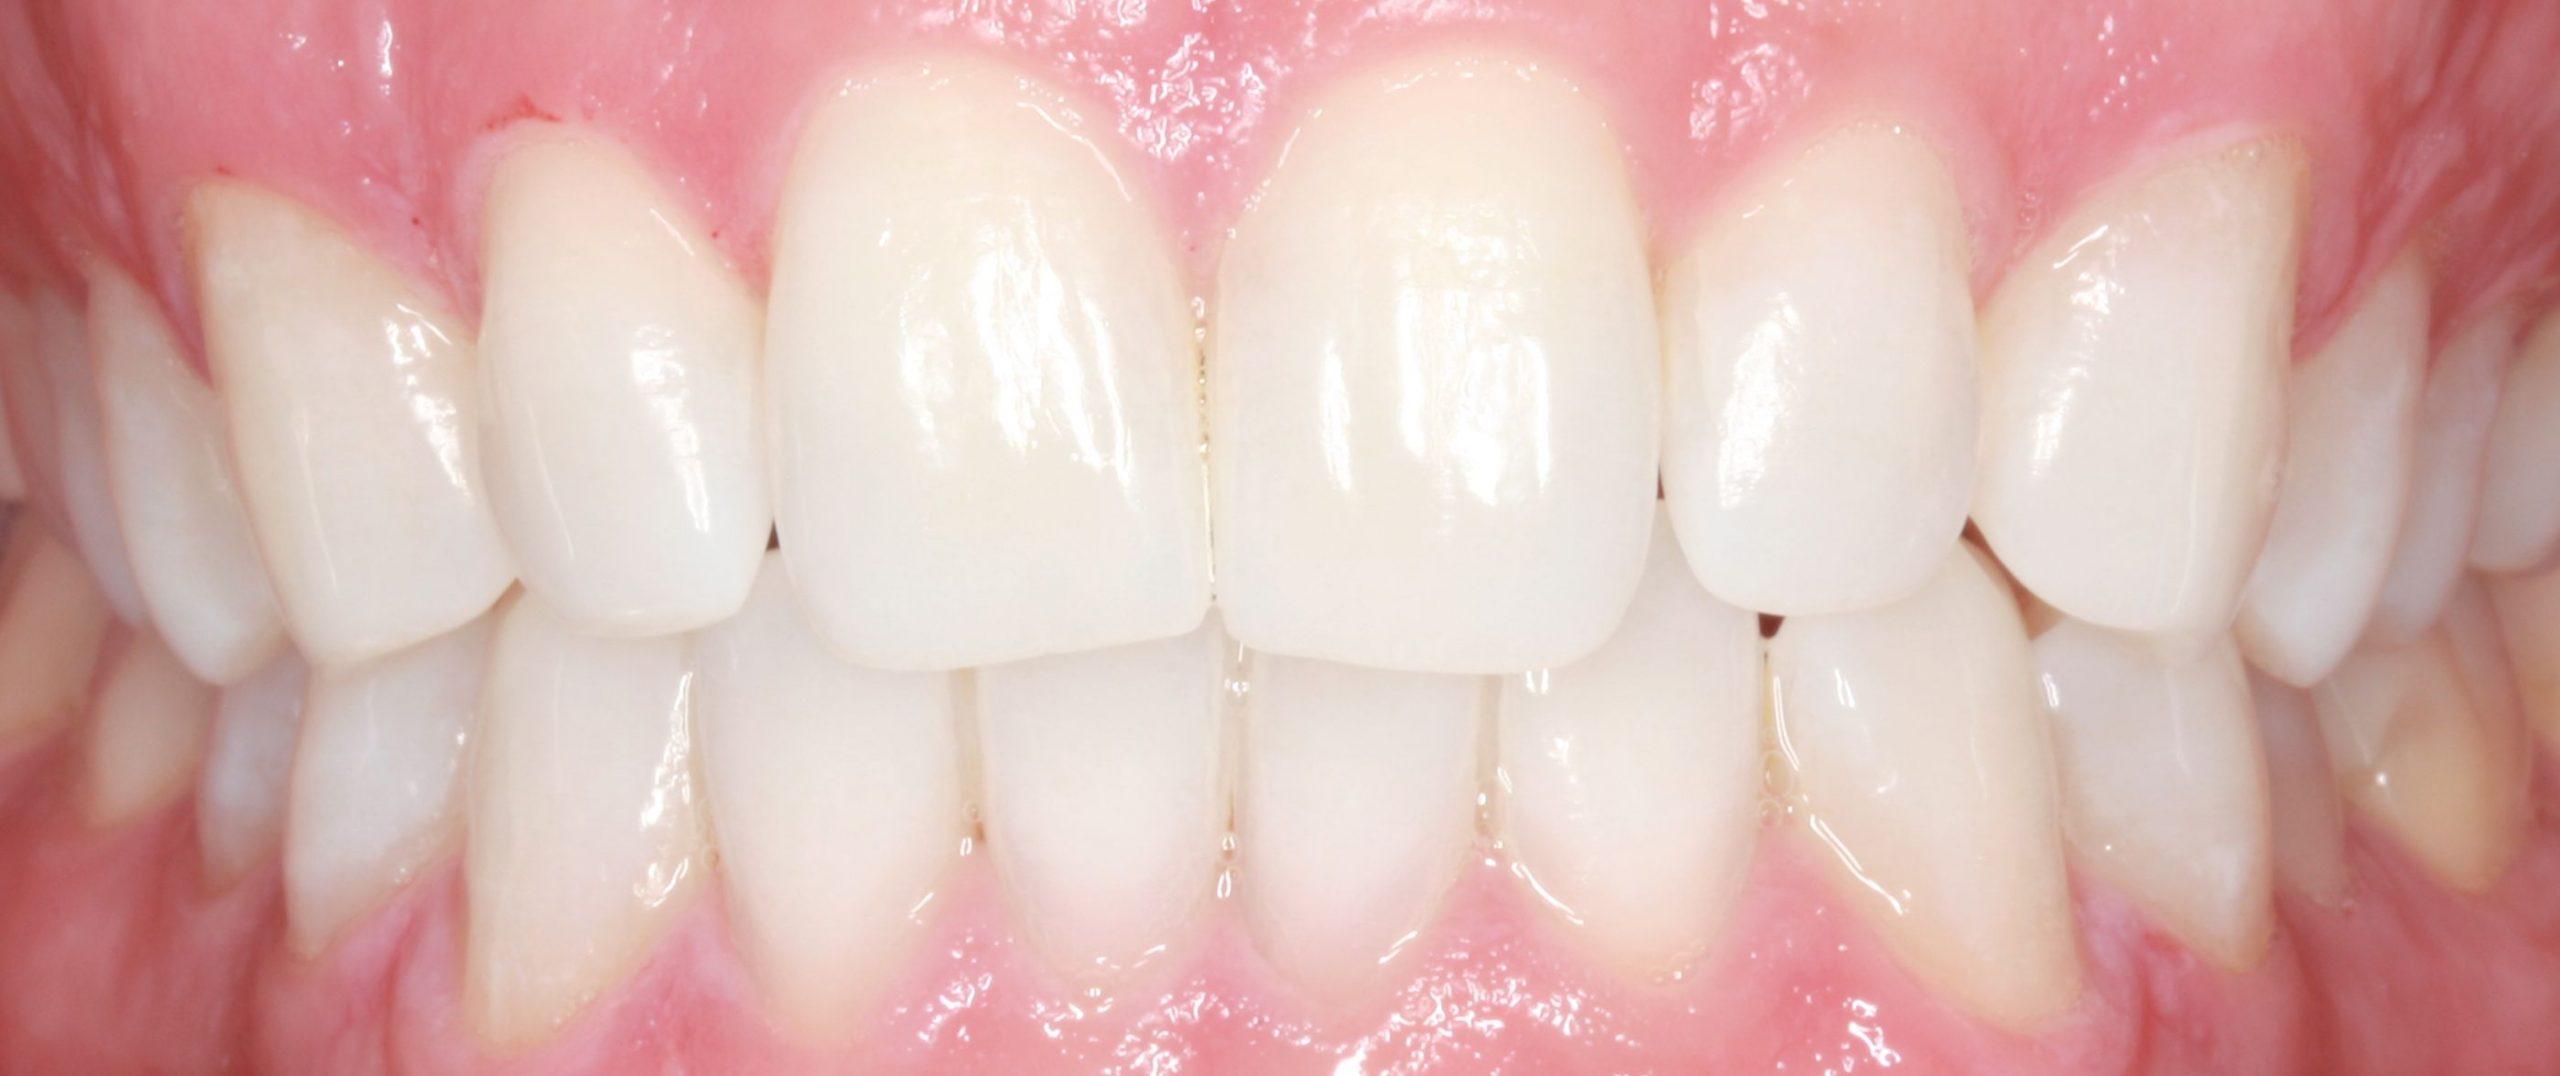 Tractament d'estètica emblanquiment dental. Clínica dental Padrós, dentista a Barcelona